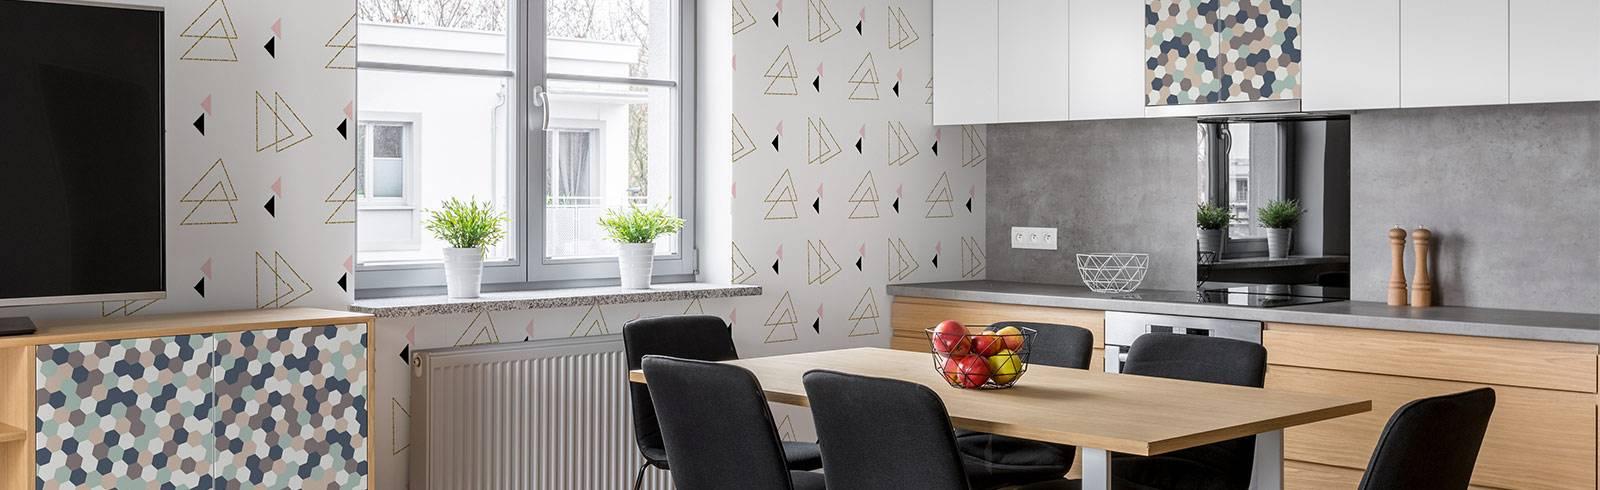 Duvar Resmi ve Çıkartması yemekhane - Zevk Geometrisi